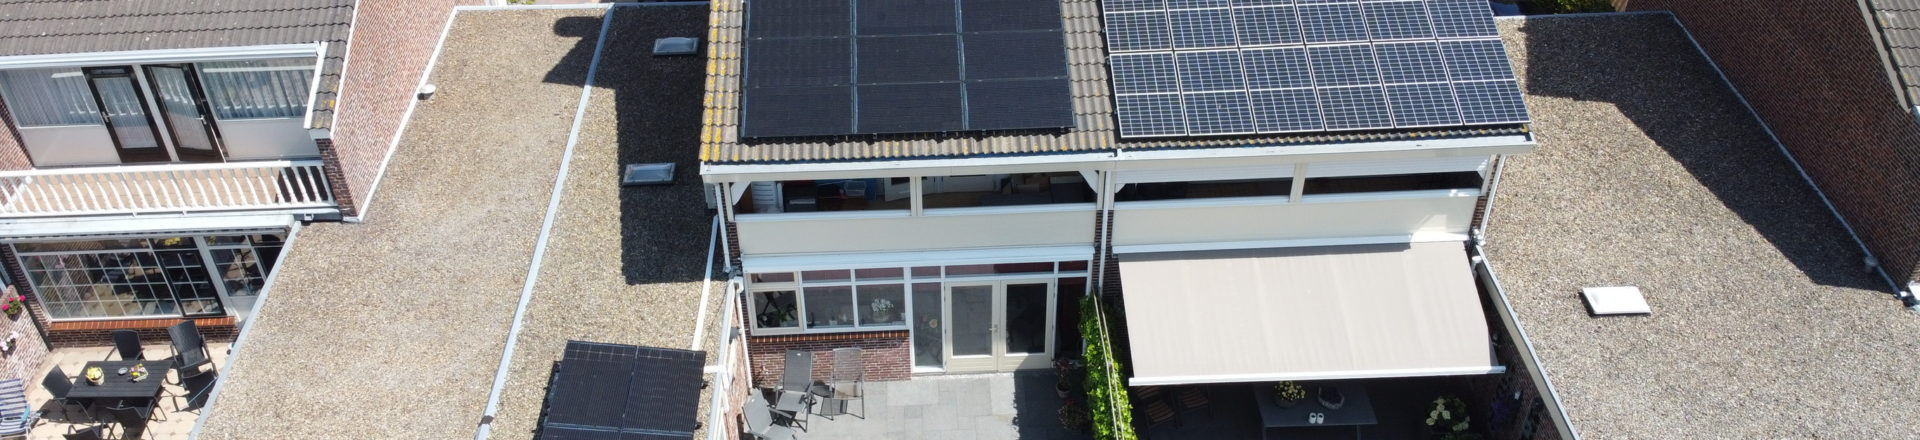 Zonnesysteem bij de familie van Delft